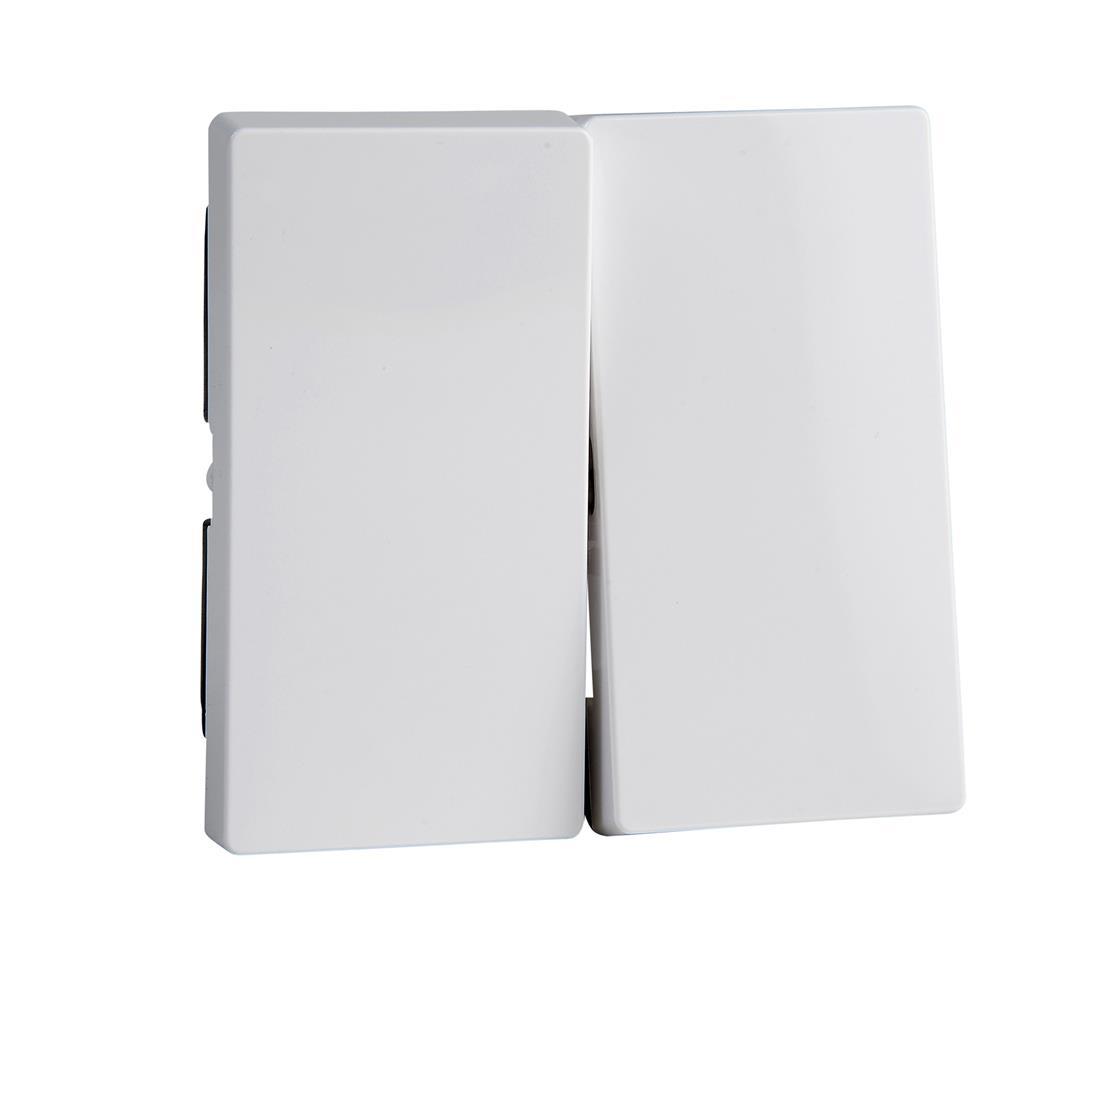 Schneider-Merten systeem M wip voor serieschakelaar - actief wit glanzend (MTN432525)